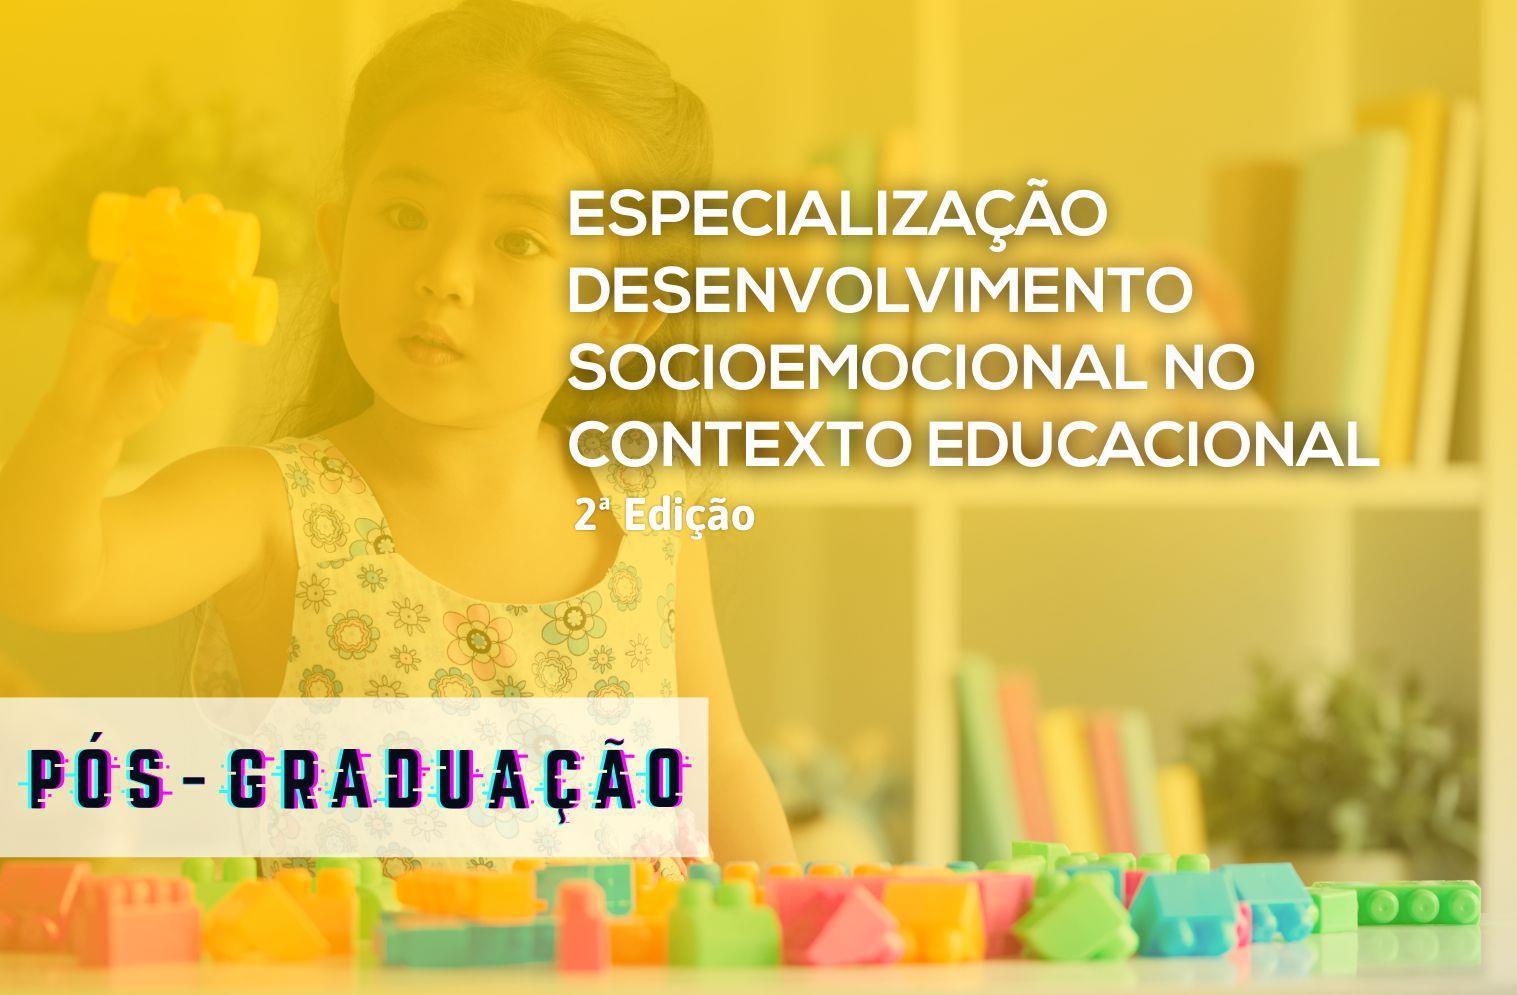 Especialização em Desenvolvimento Socioemocional no Contexto Educacional - Novo Hamburgo - 2ª edição